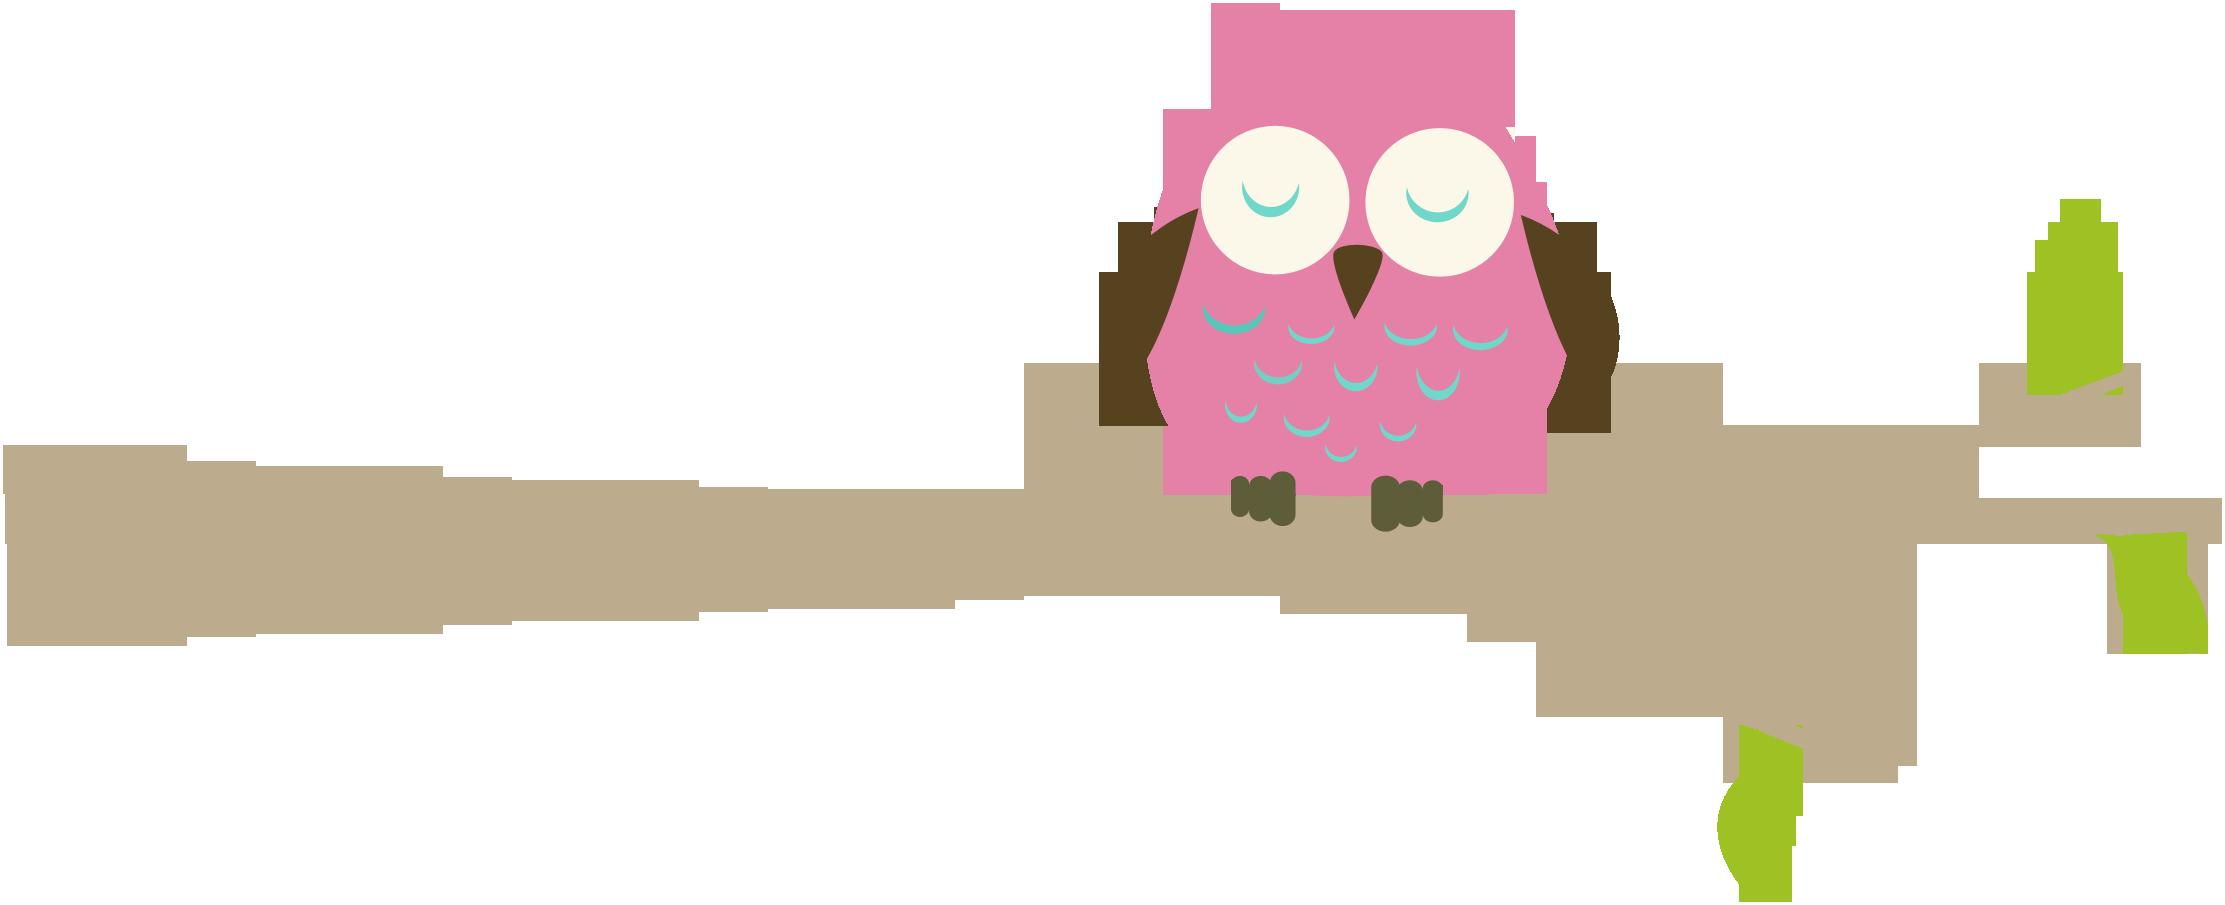 2225x905 Owl Clipart Branch Clip Art